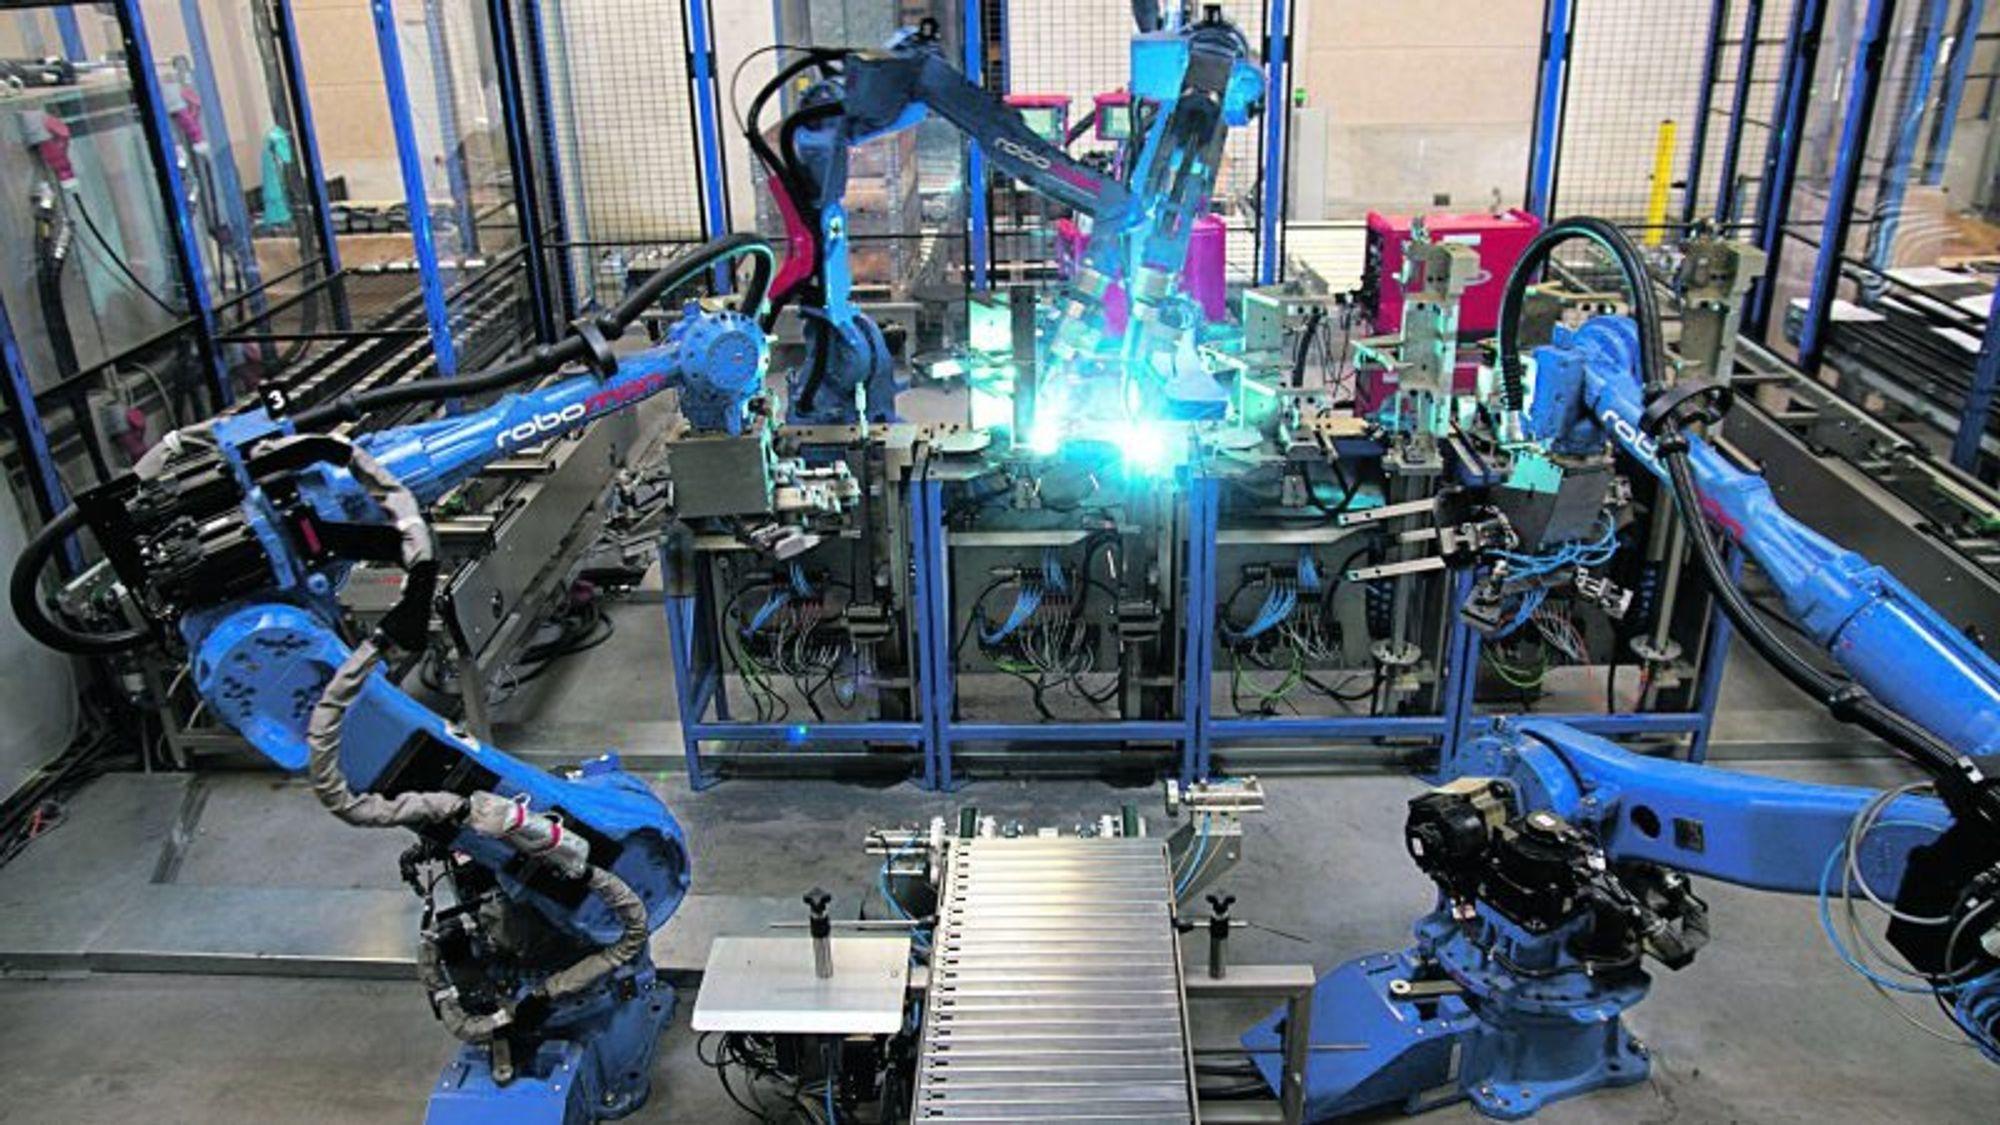 Nedgangen i industriarbeidsplasser skyldes innføringen av roboter, konkluderer en rapport fra MIT.